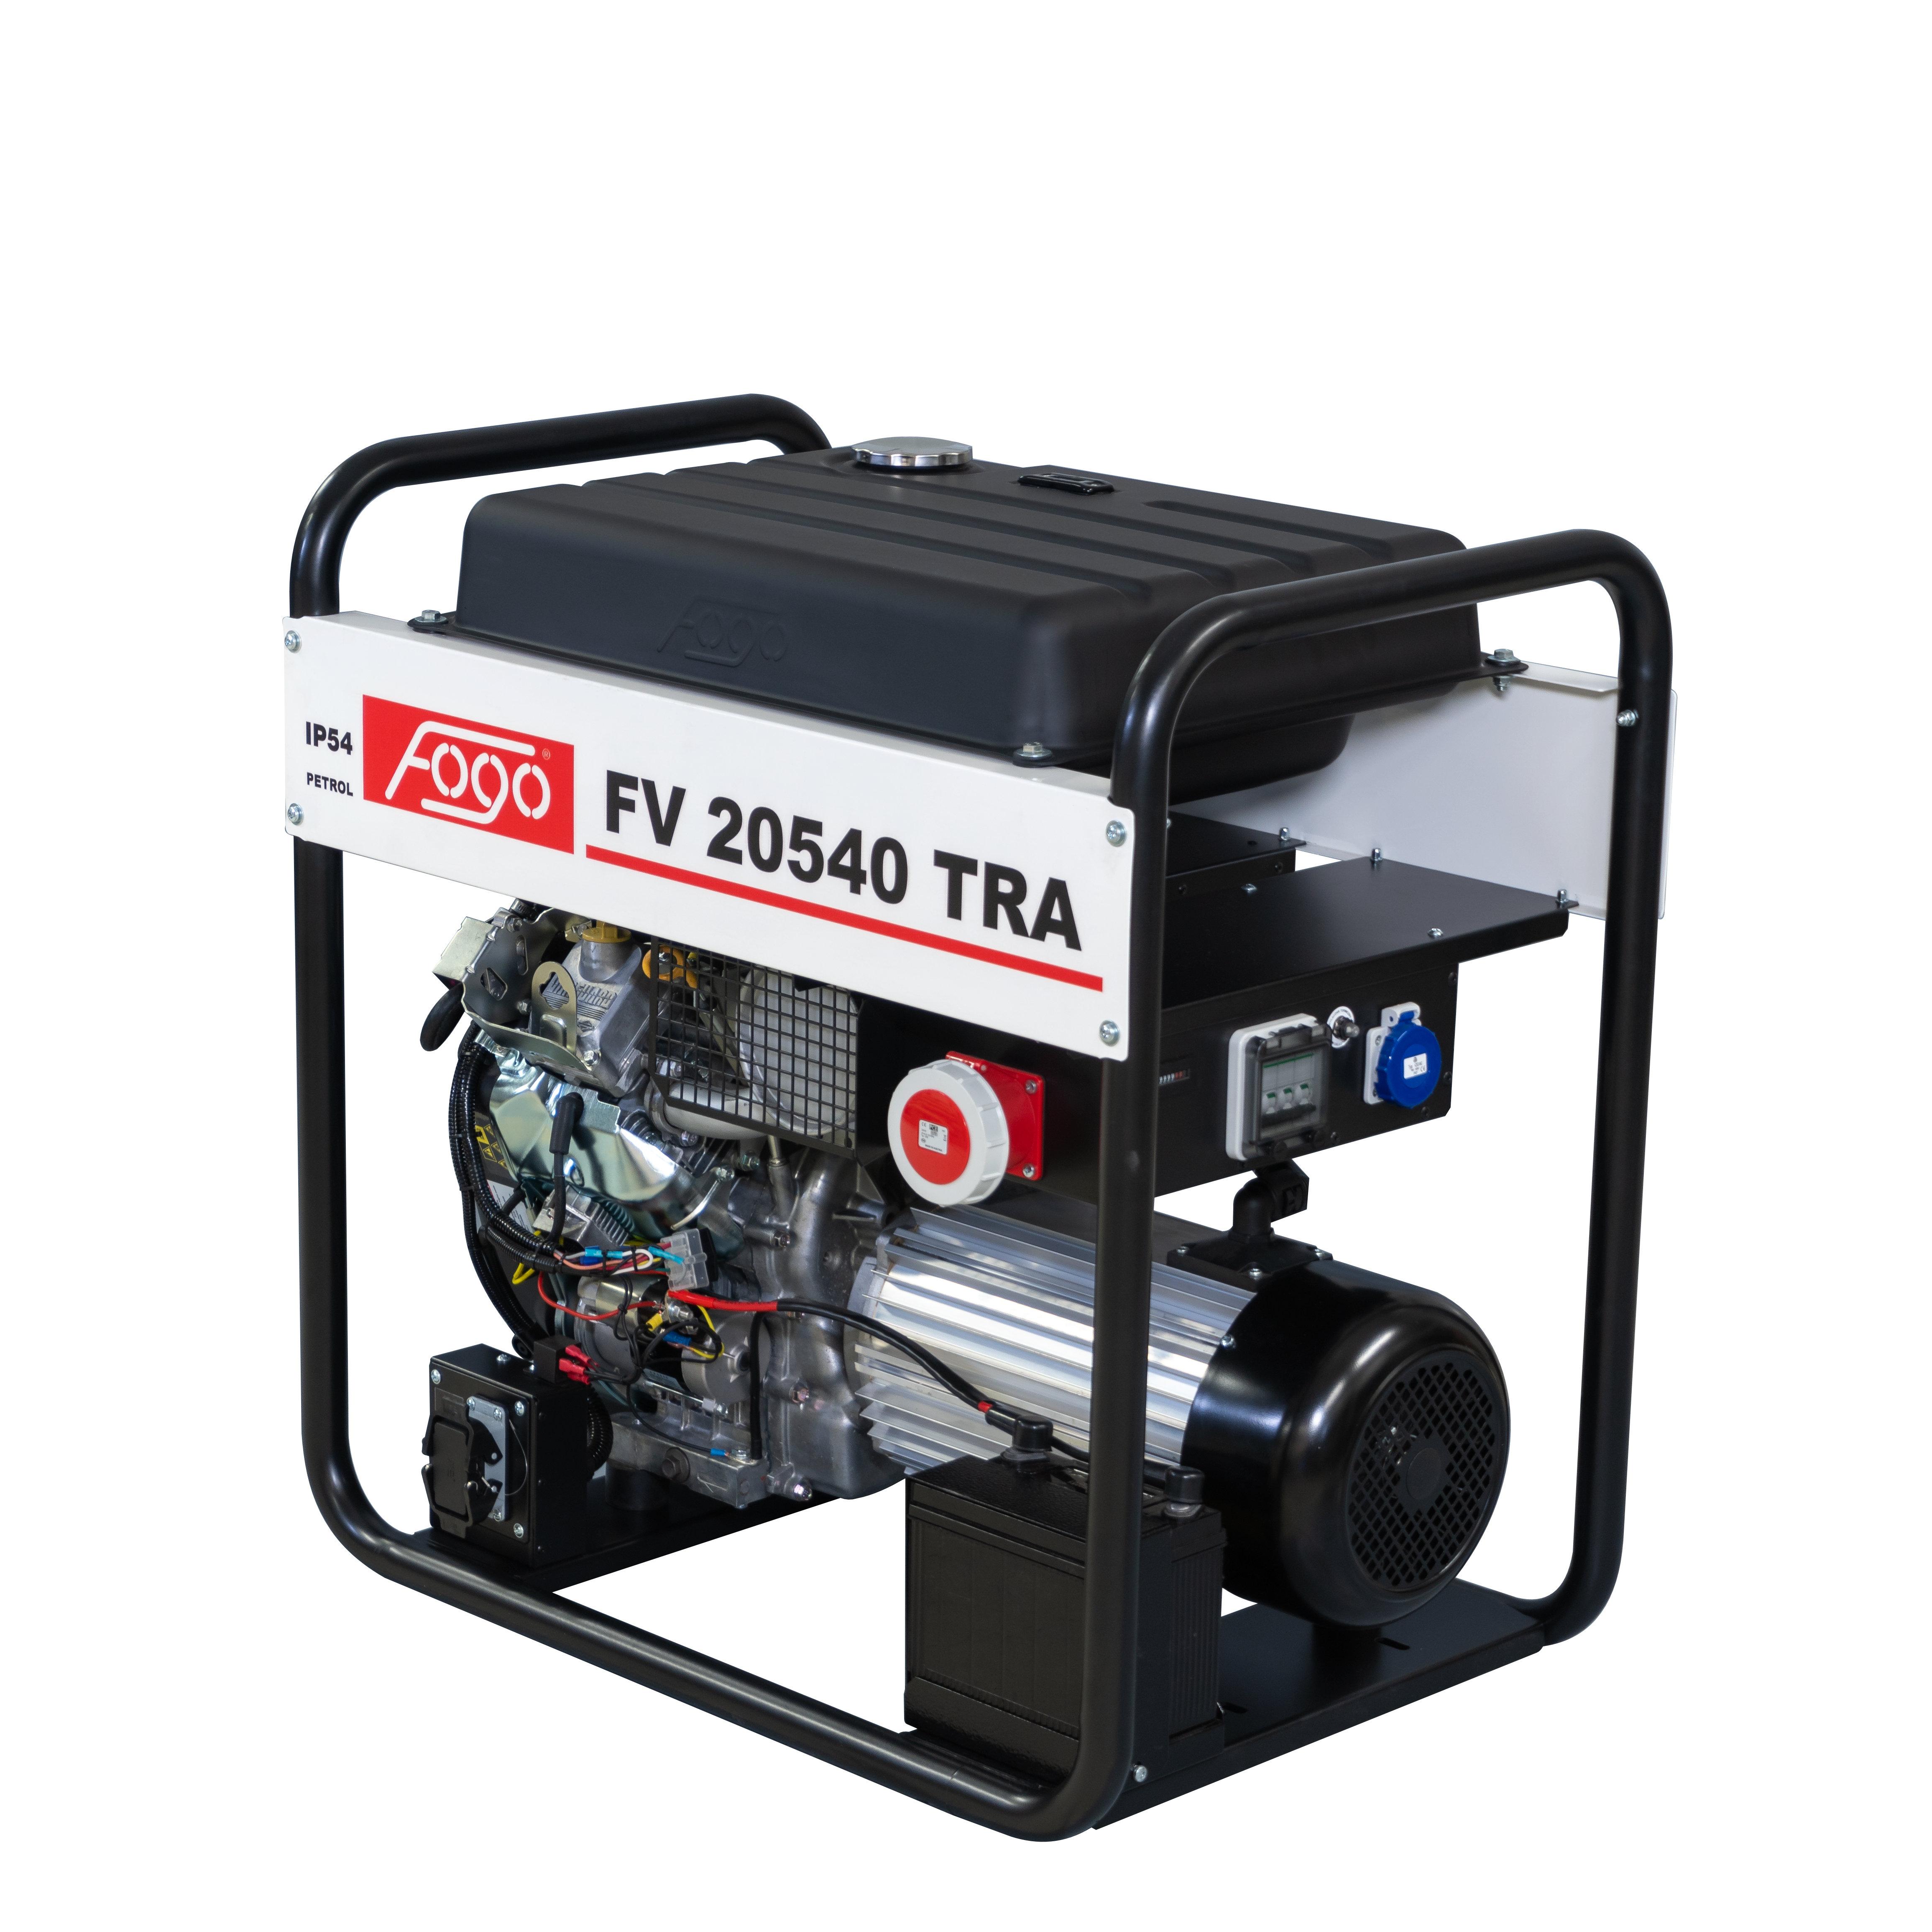 FOGO B&S VANGUARD 19.5 kVA Stromaggregat AVR IP54 400 V FV20540TRA